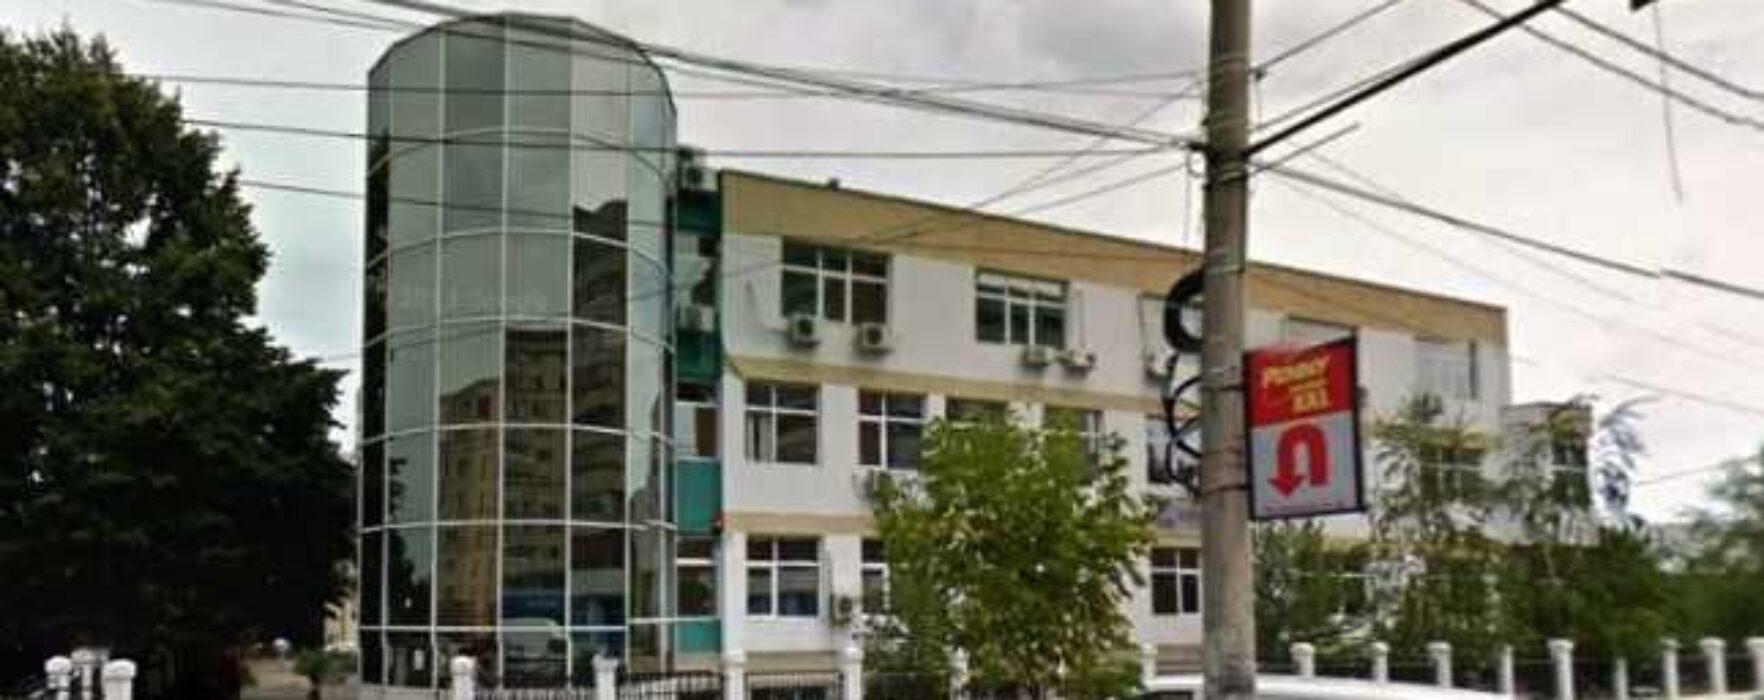 Dâmboviţa: Măsuri la Oficiul de cadastru pentru prevenirea răspândirii Covid-19